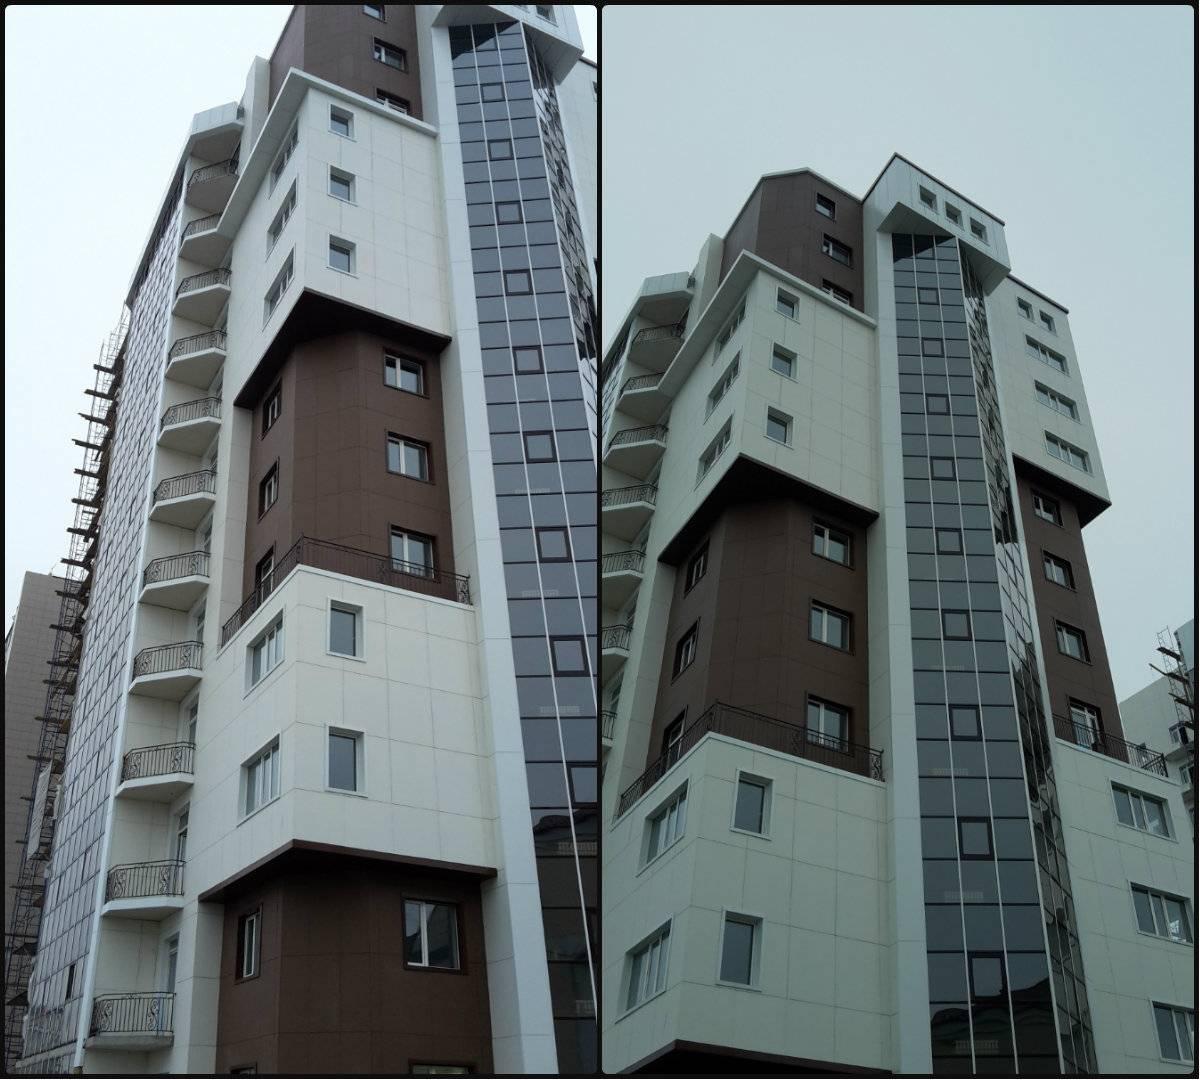 Облицовка фасада дома: какой современный материал лучше для отделки?